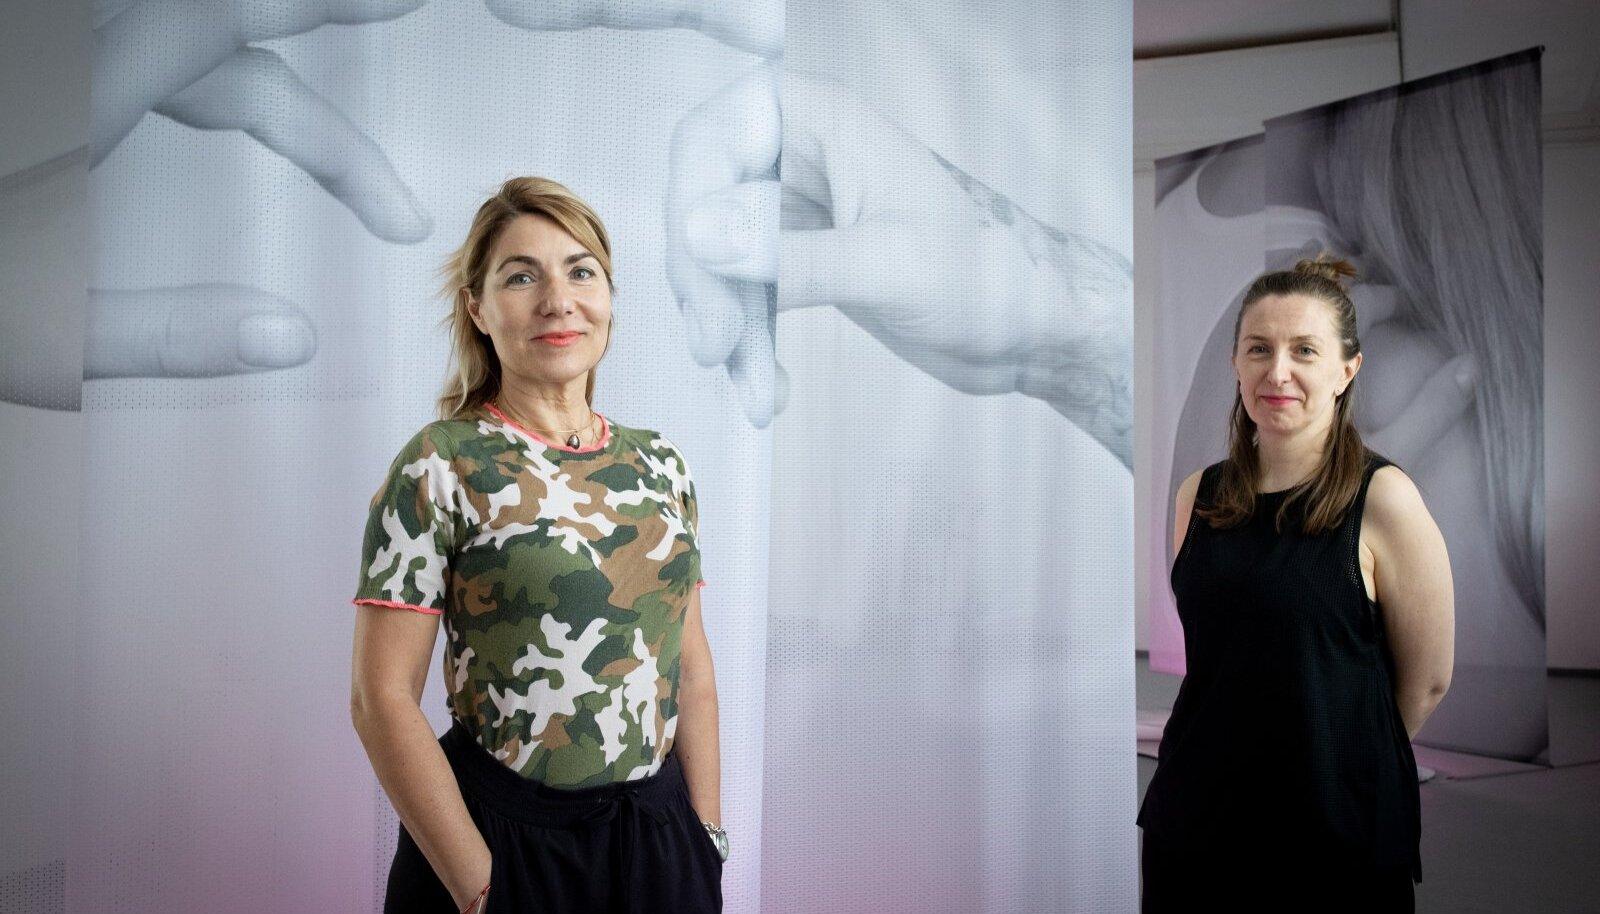 Kuraator Katerina Gregos (vasakul) on näituse kunstnike sekka kaasanud ka eesti kunstniku Marge Monko. Tema arvates muutuvad ümbritseva elu tajumise viisid, kui pidevalt ja ainult internetis kirjalikult suhelda.